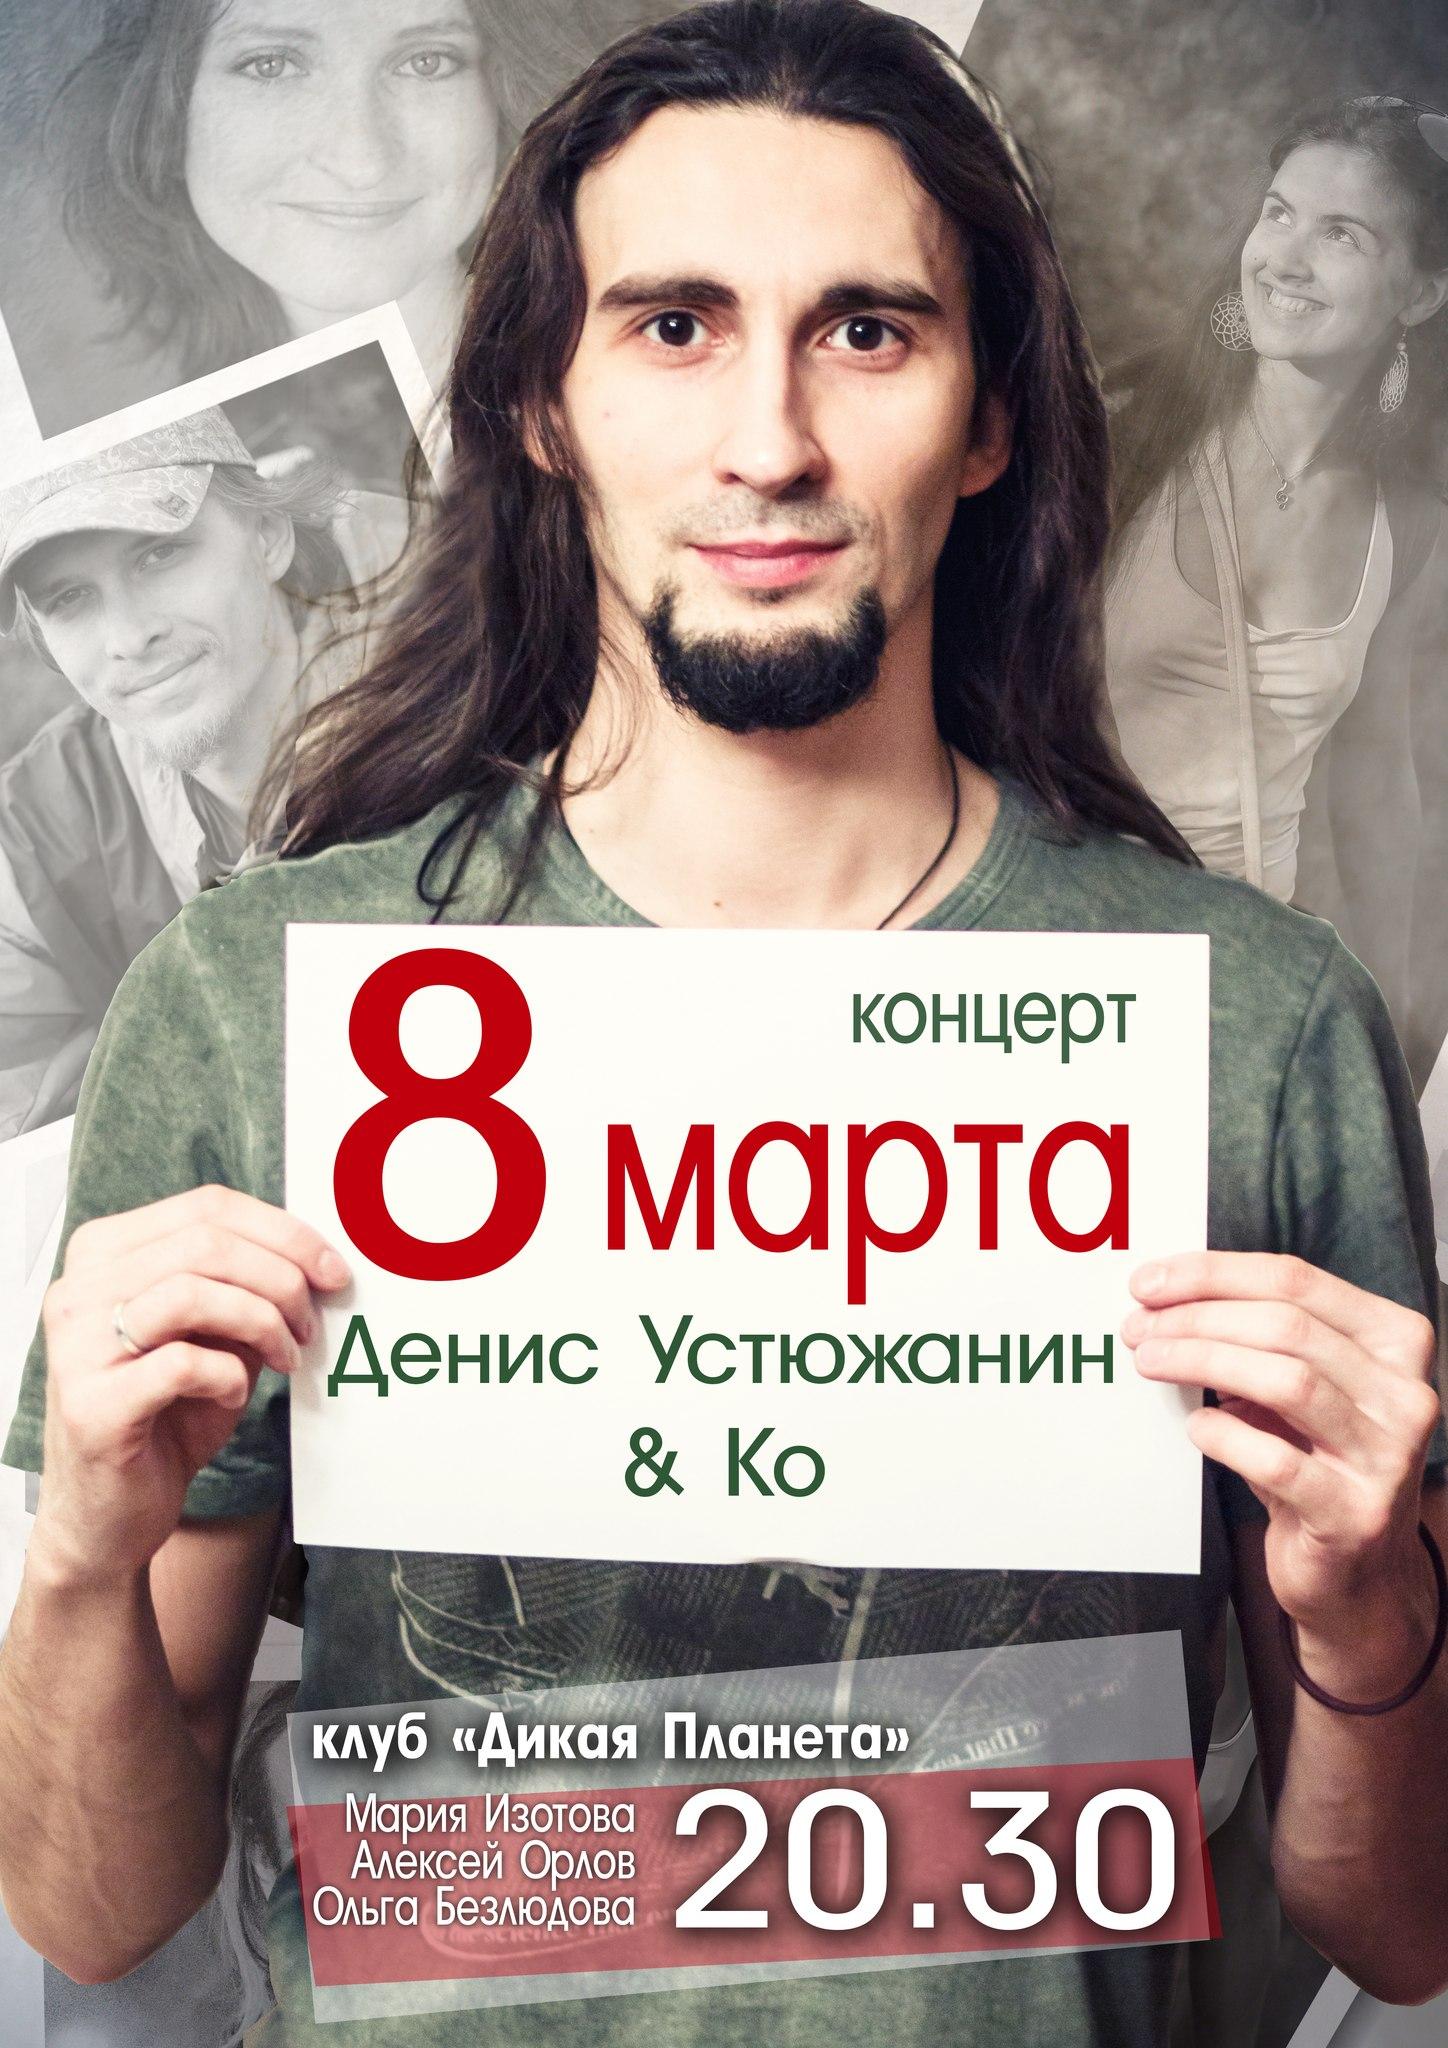 Denis Ustyuzhanin 8 marta